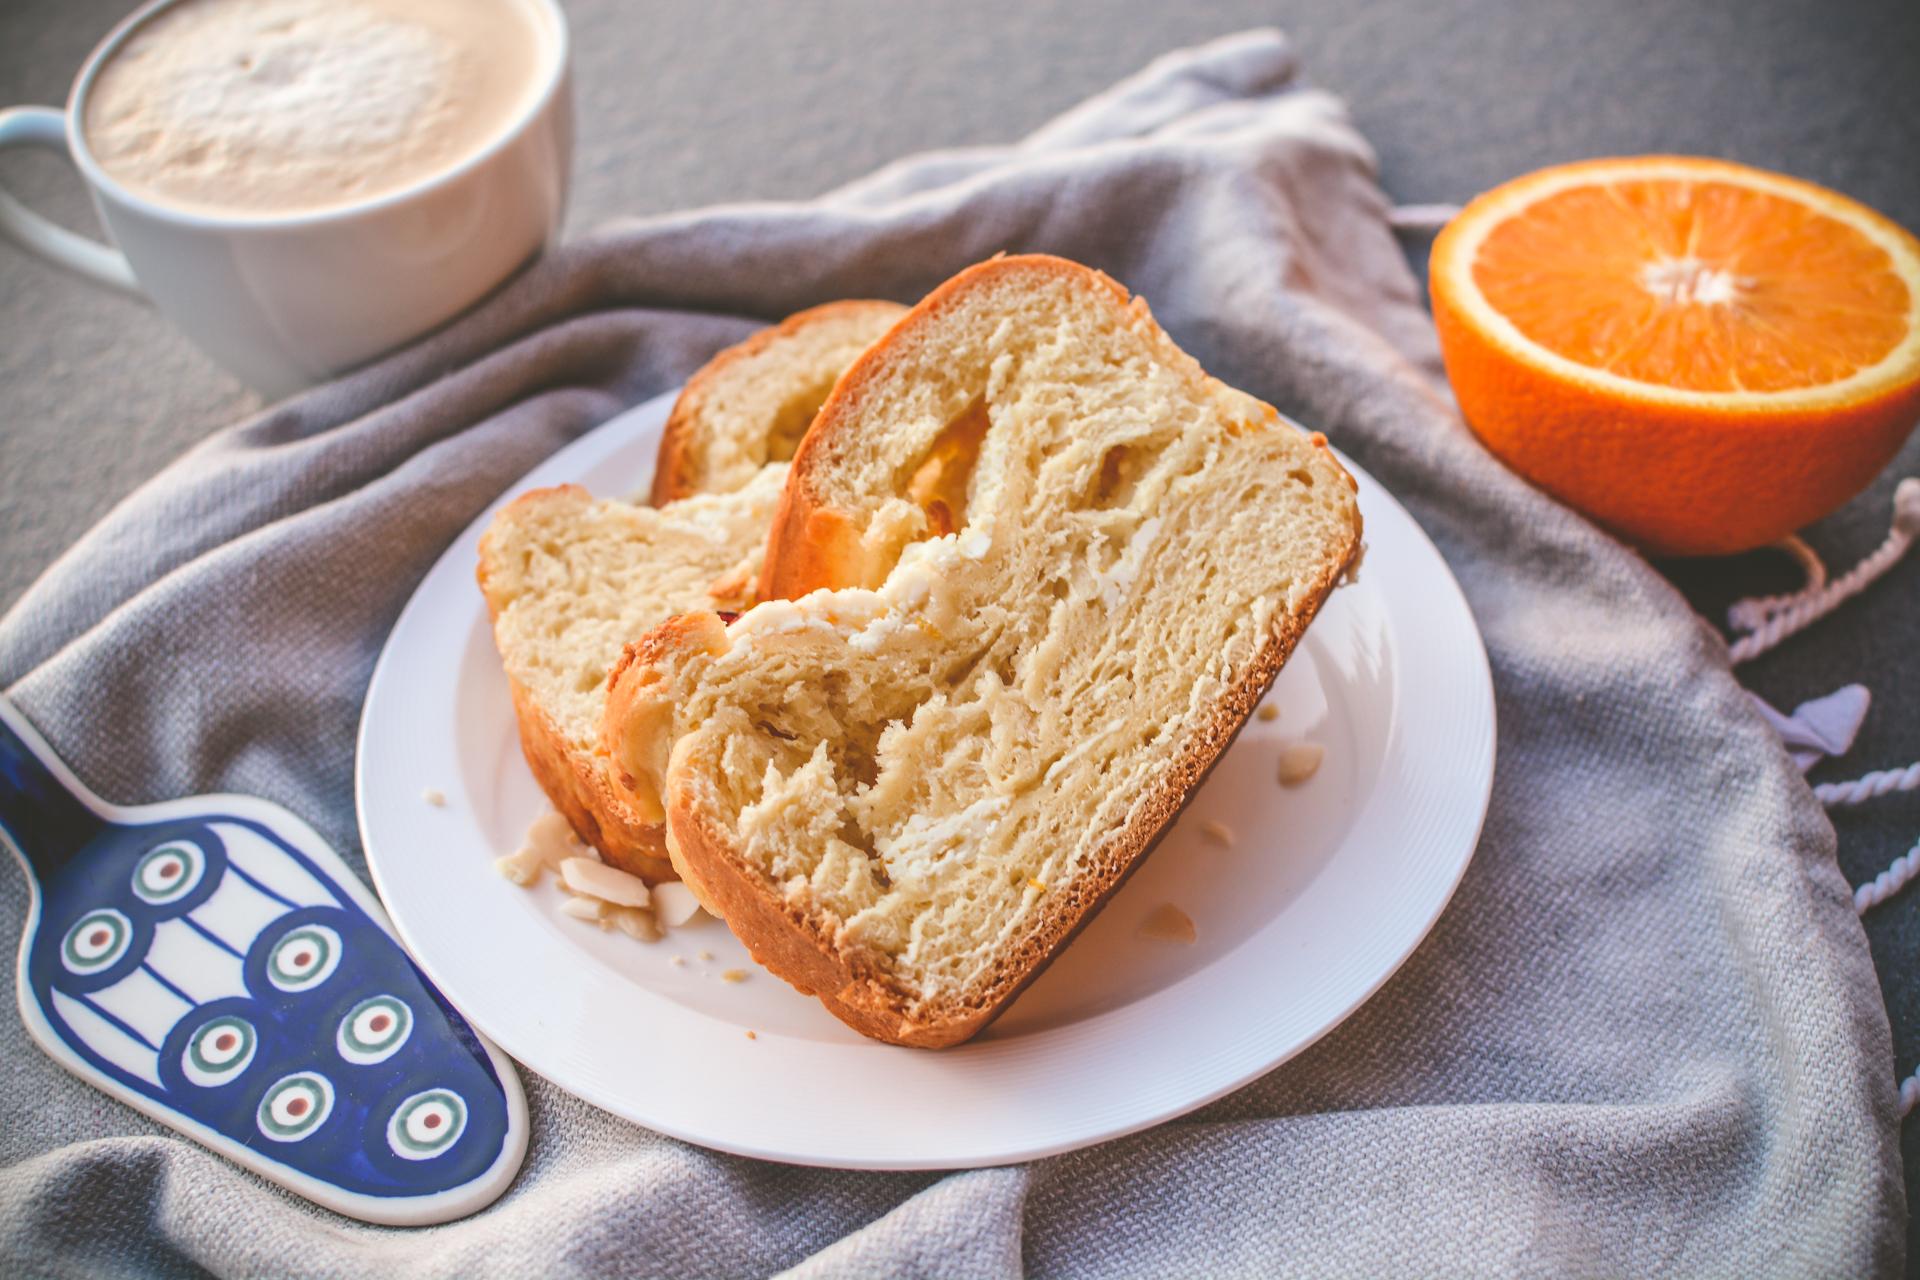 Drożdżówka z serem - strucla serowa 8